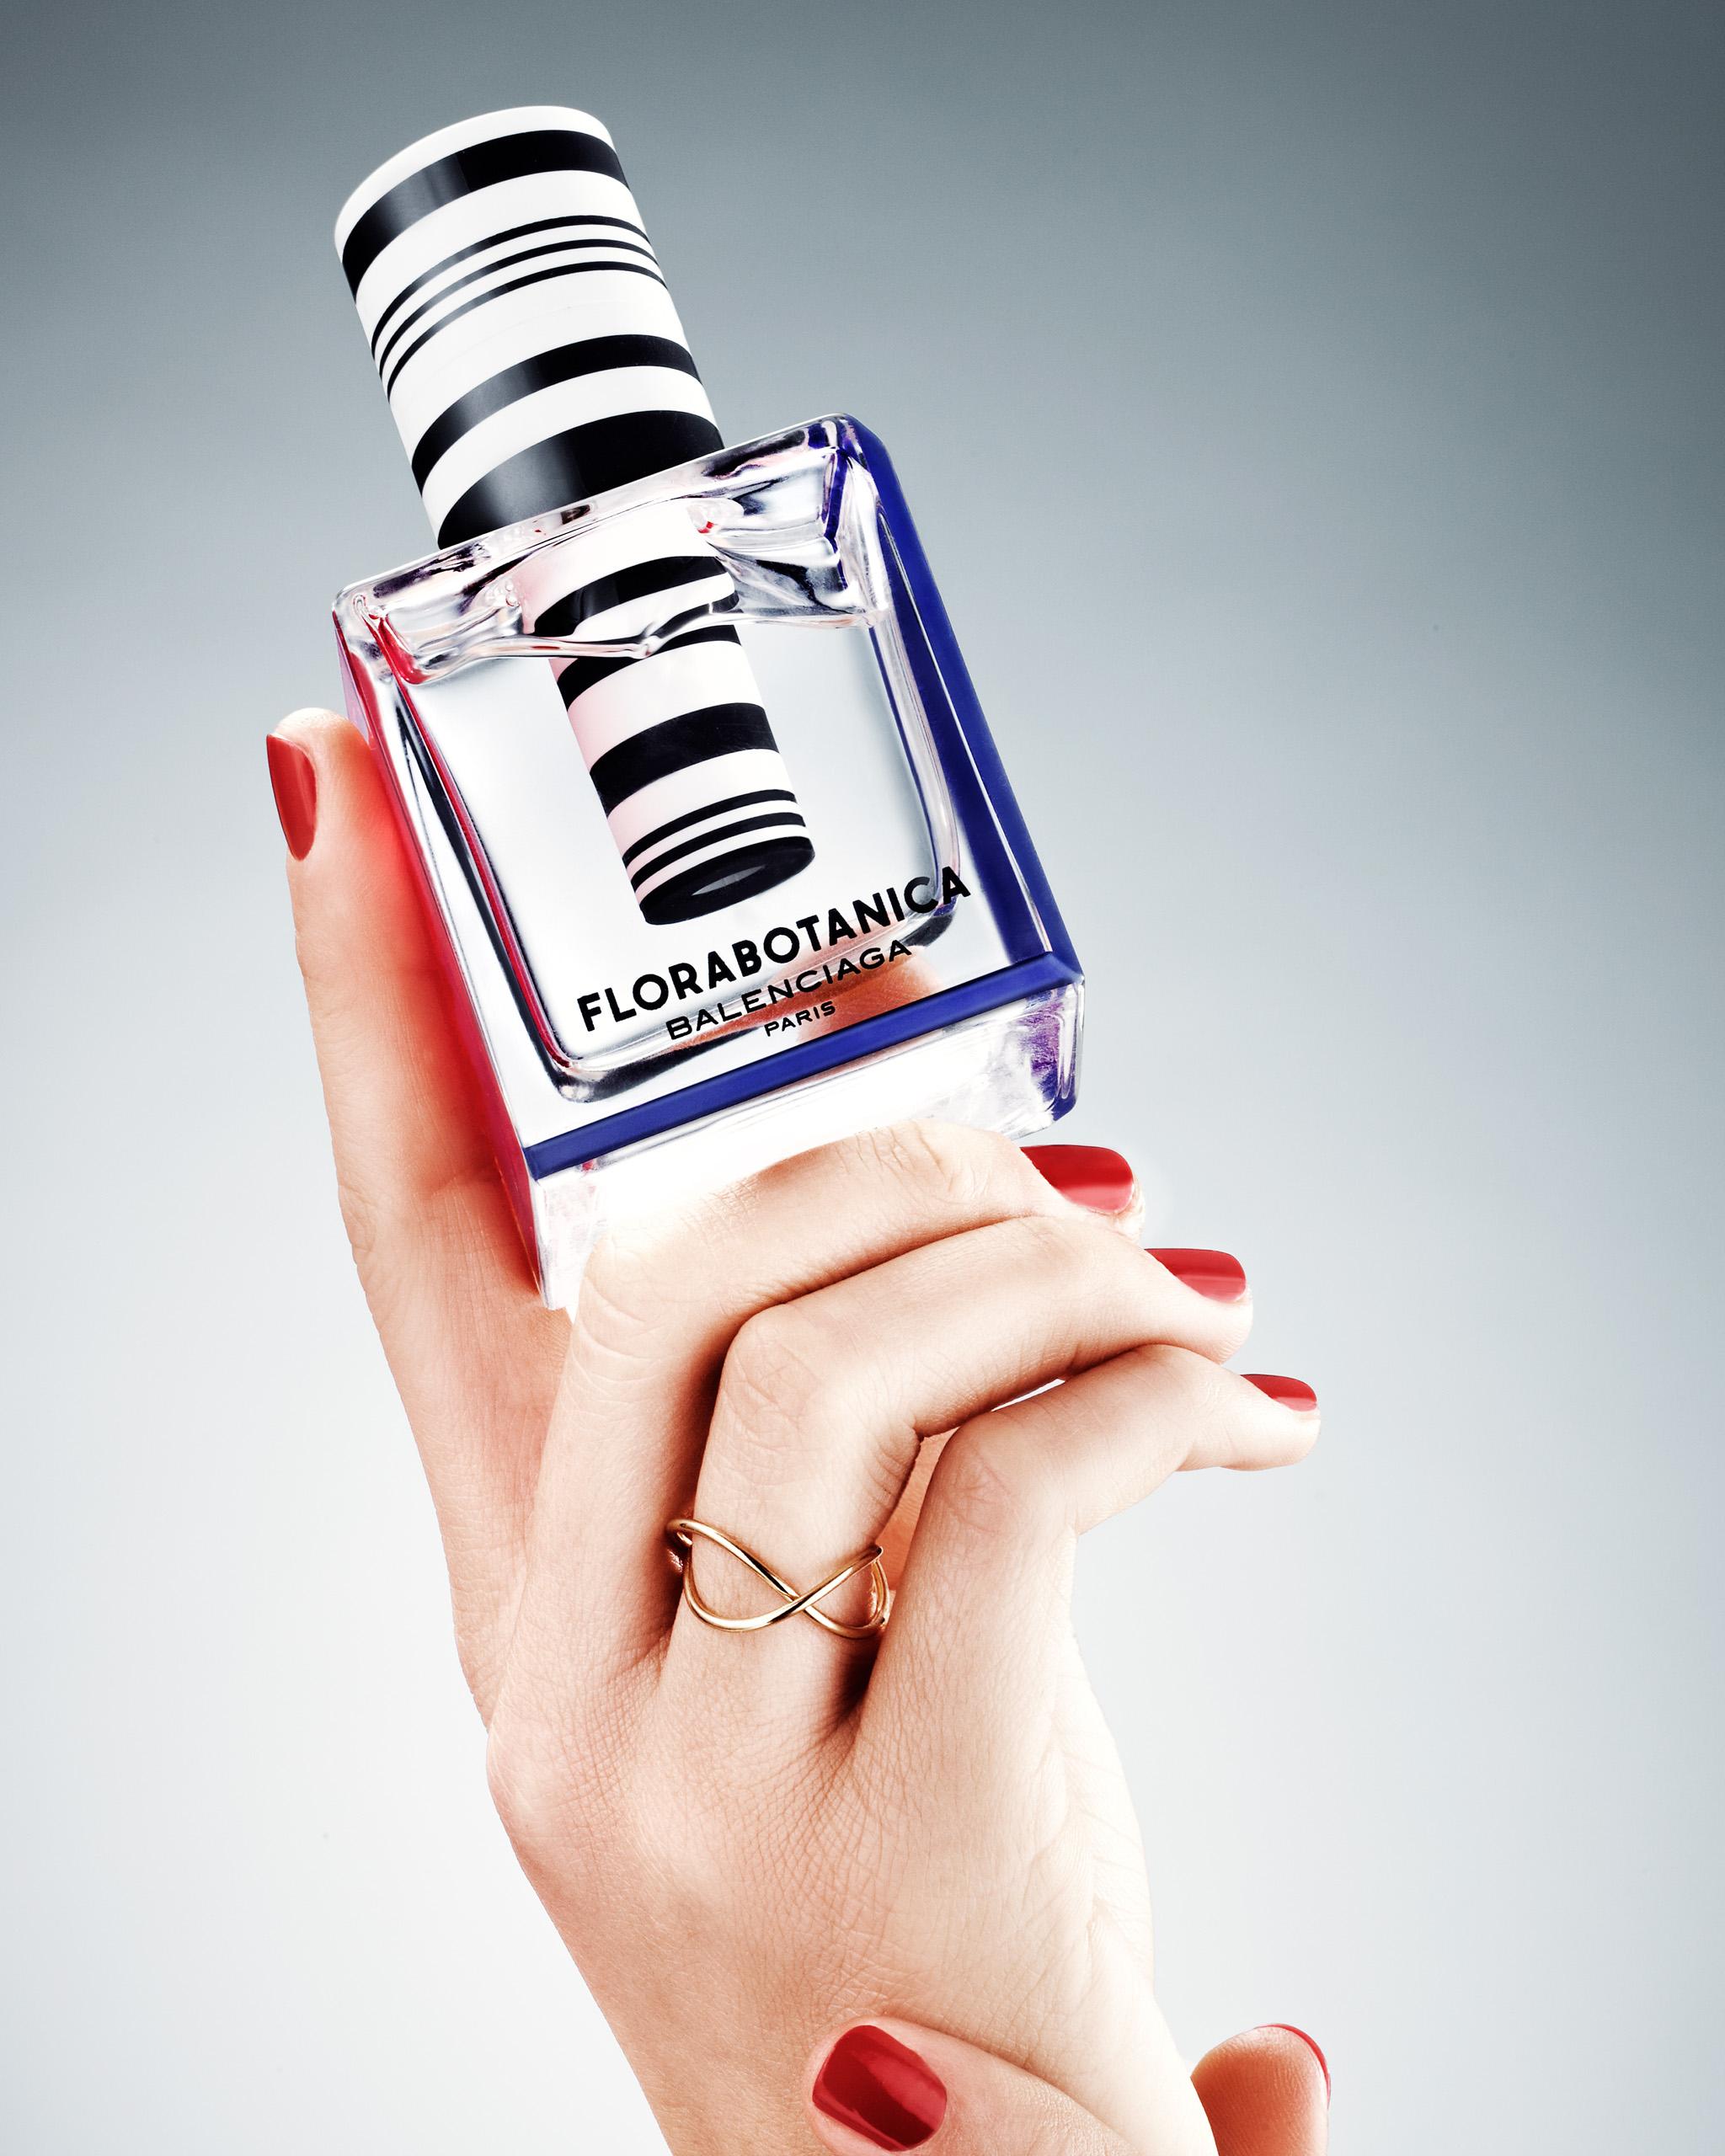 ew_hander_parfumer_24809_ok_mrj_crop